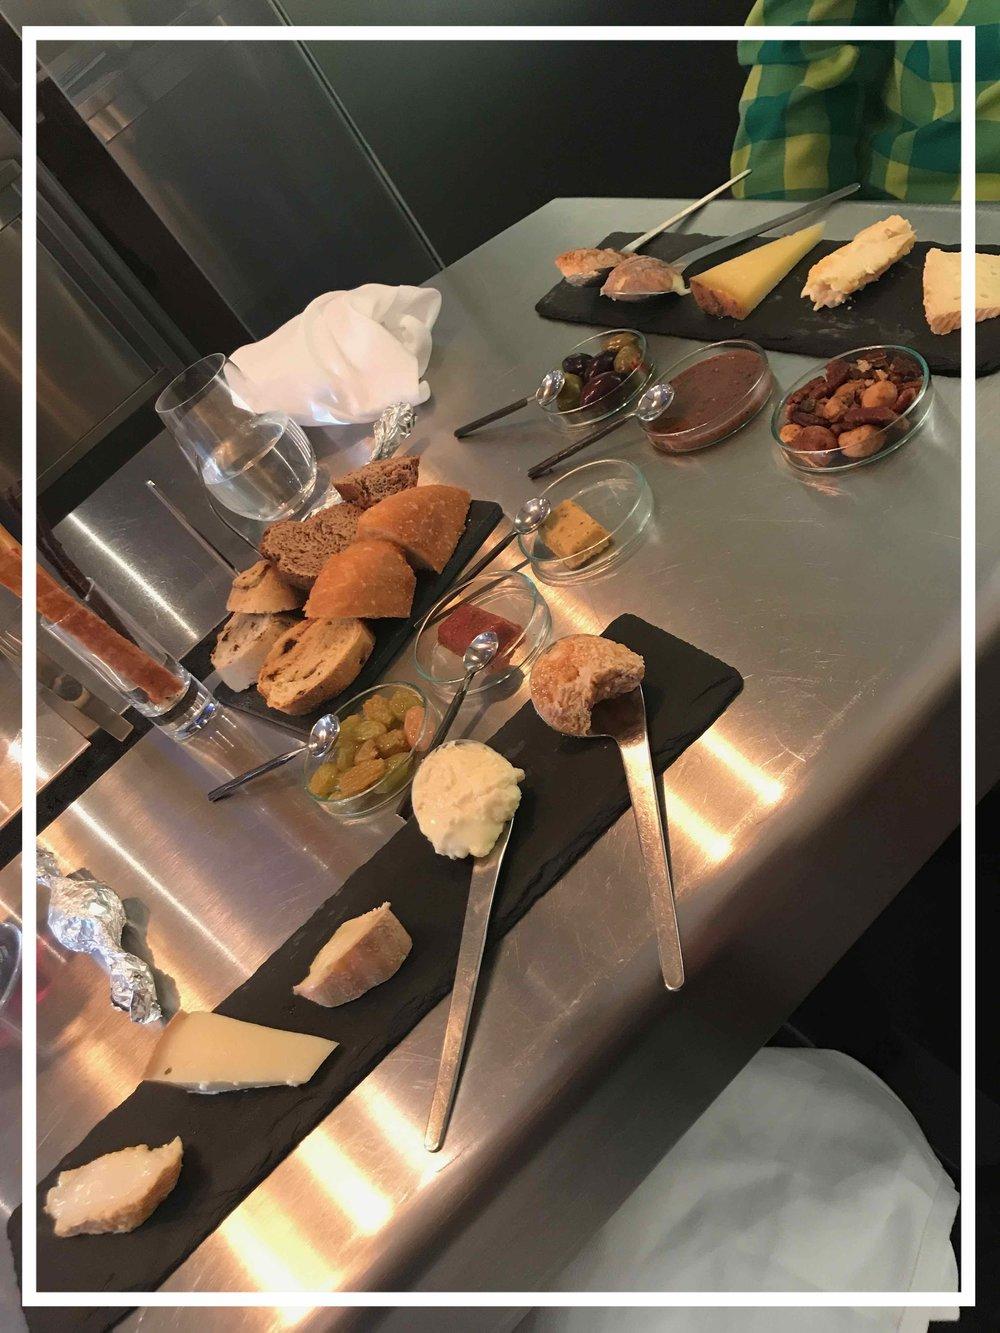 #mrazundsohn #käsevomwagen1 #kulinarischges #sternegastronomie #wien #disawistories.jpg